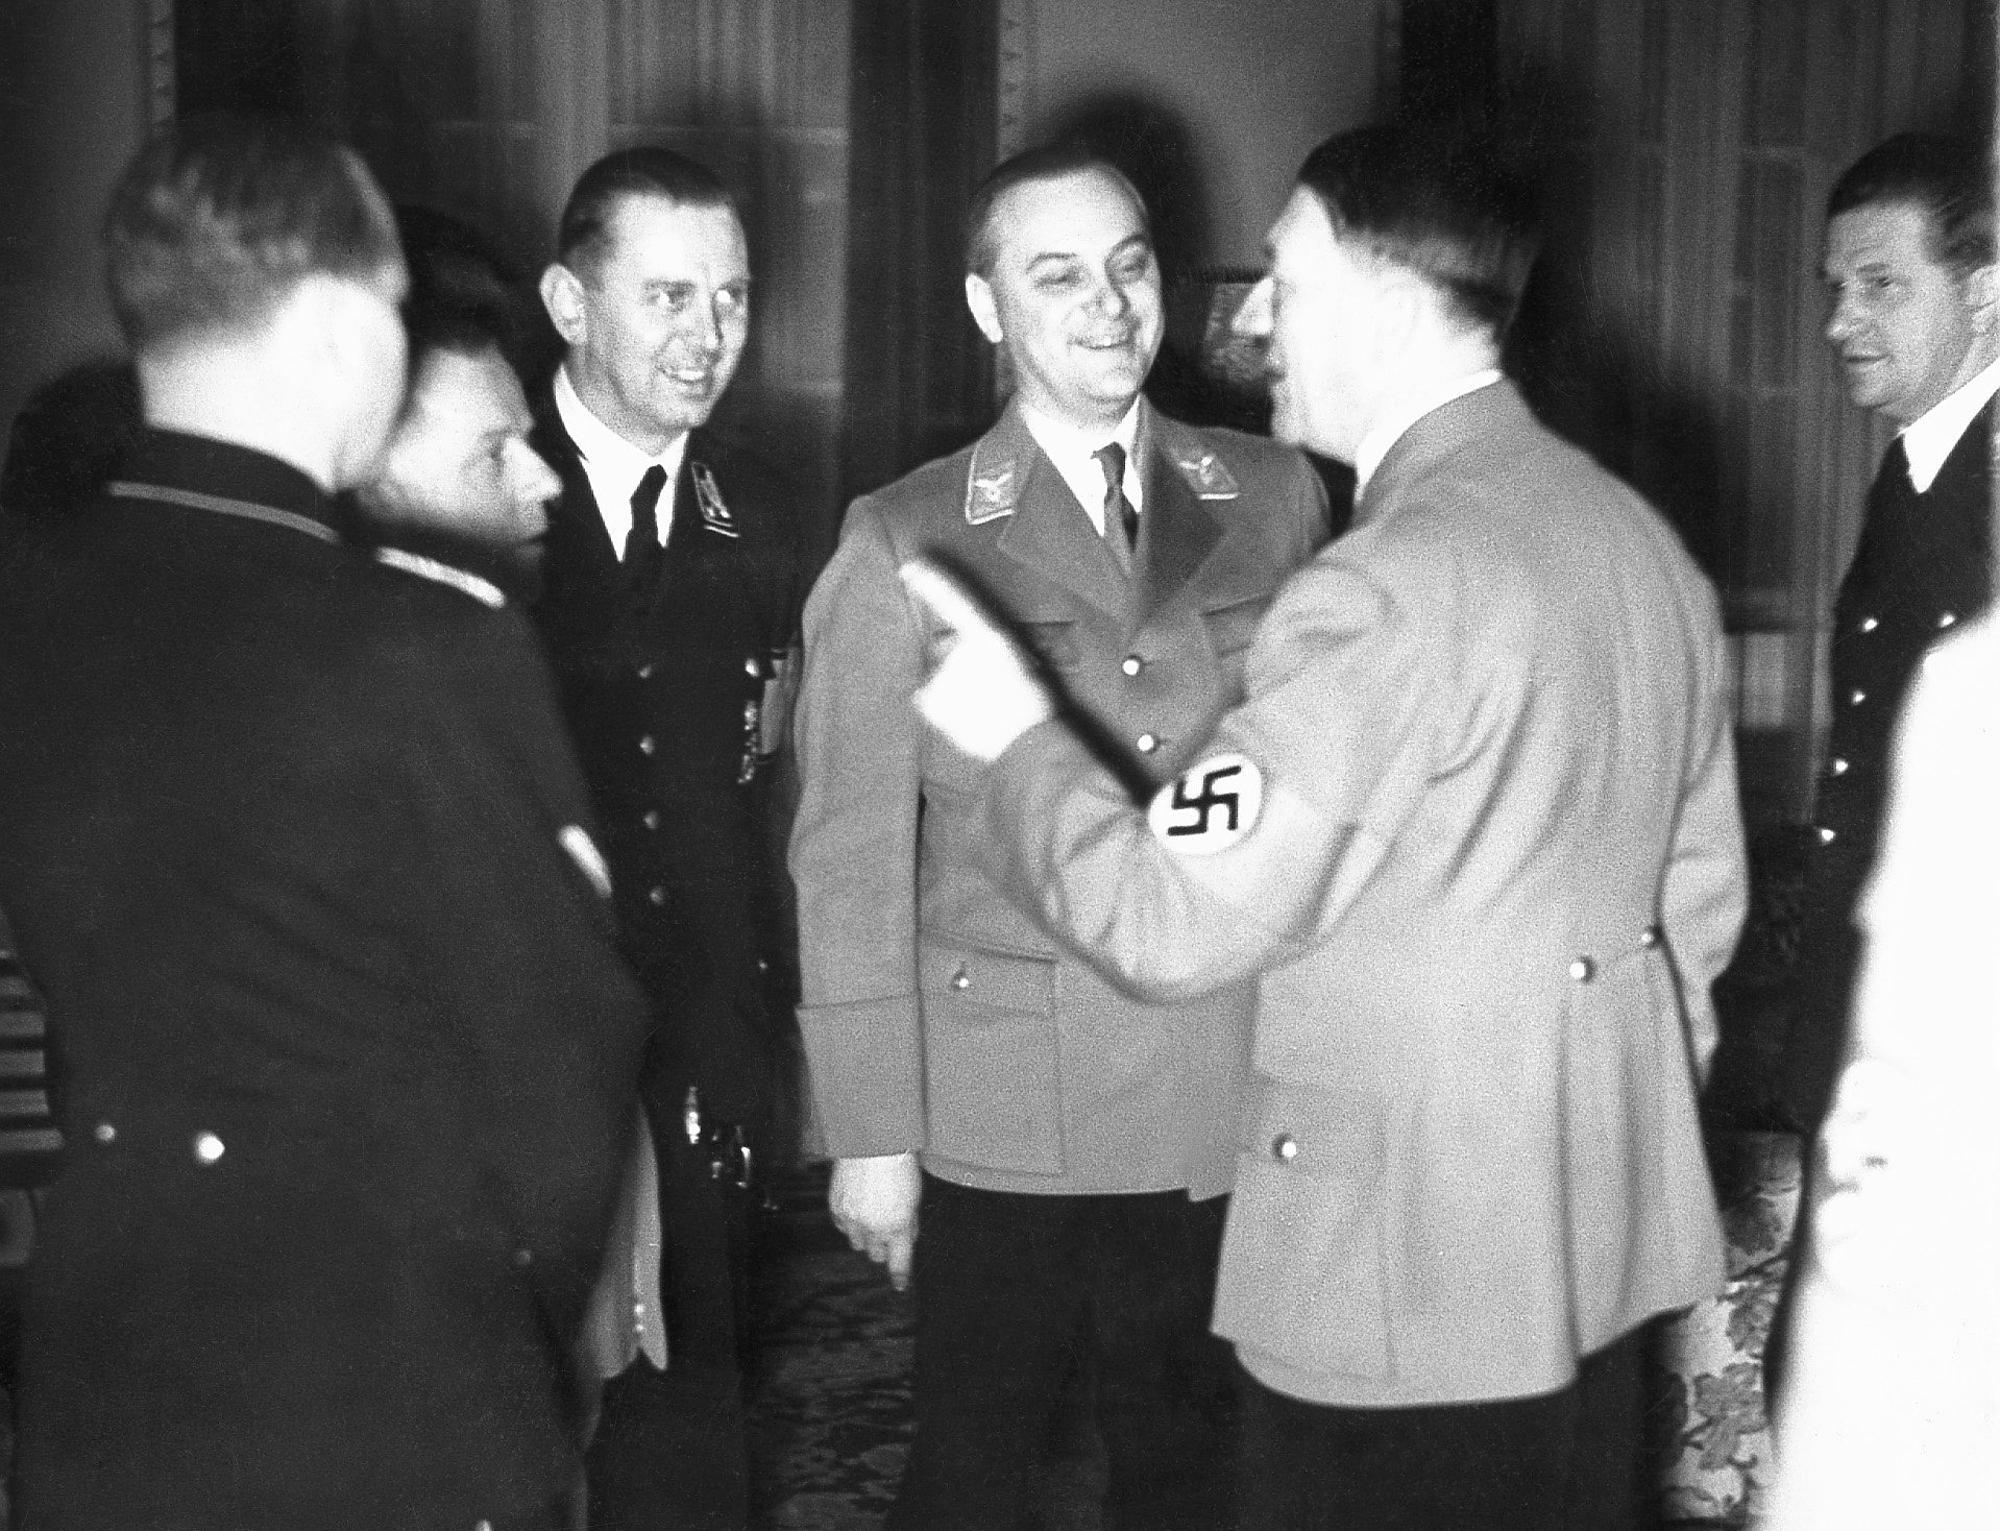 Rosenberg w dniu swoich czterdziestych pierwszych urodzin wita Hitlera we własnym domu w berlińskiej dzielnicy Dahlem (fot. SZ Photo / Scherl / The Image Works)